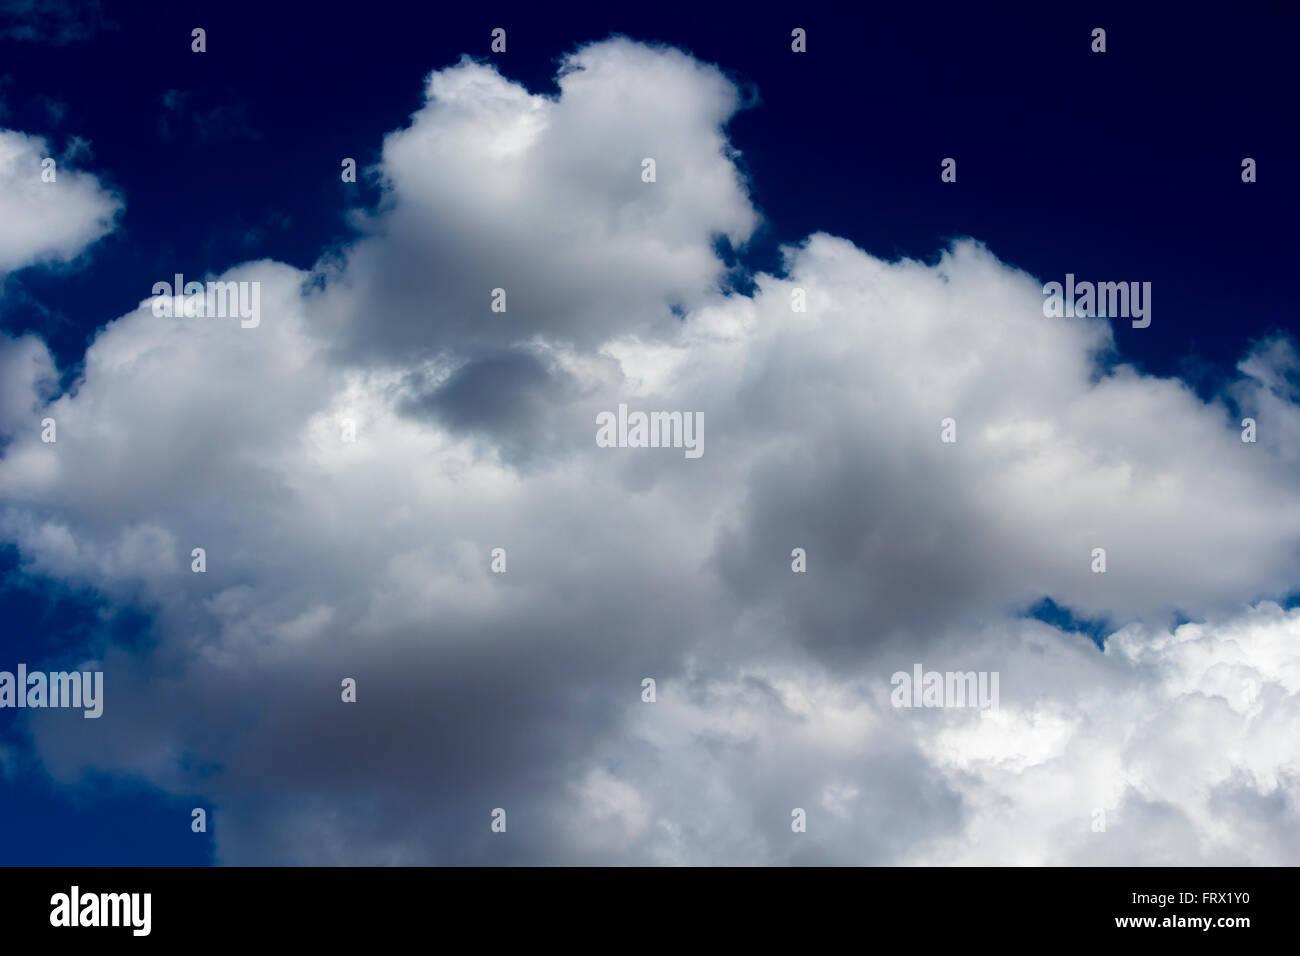 Cumulonimbus cloud in blue Australian sky. - Stock Image